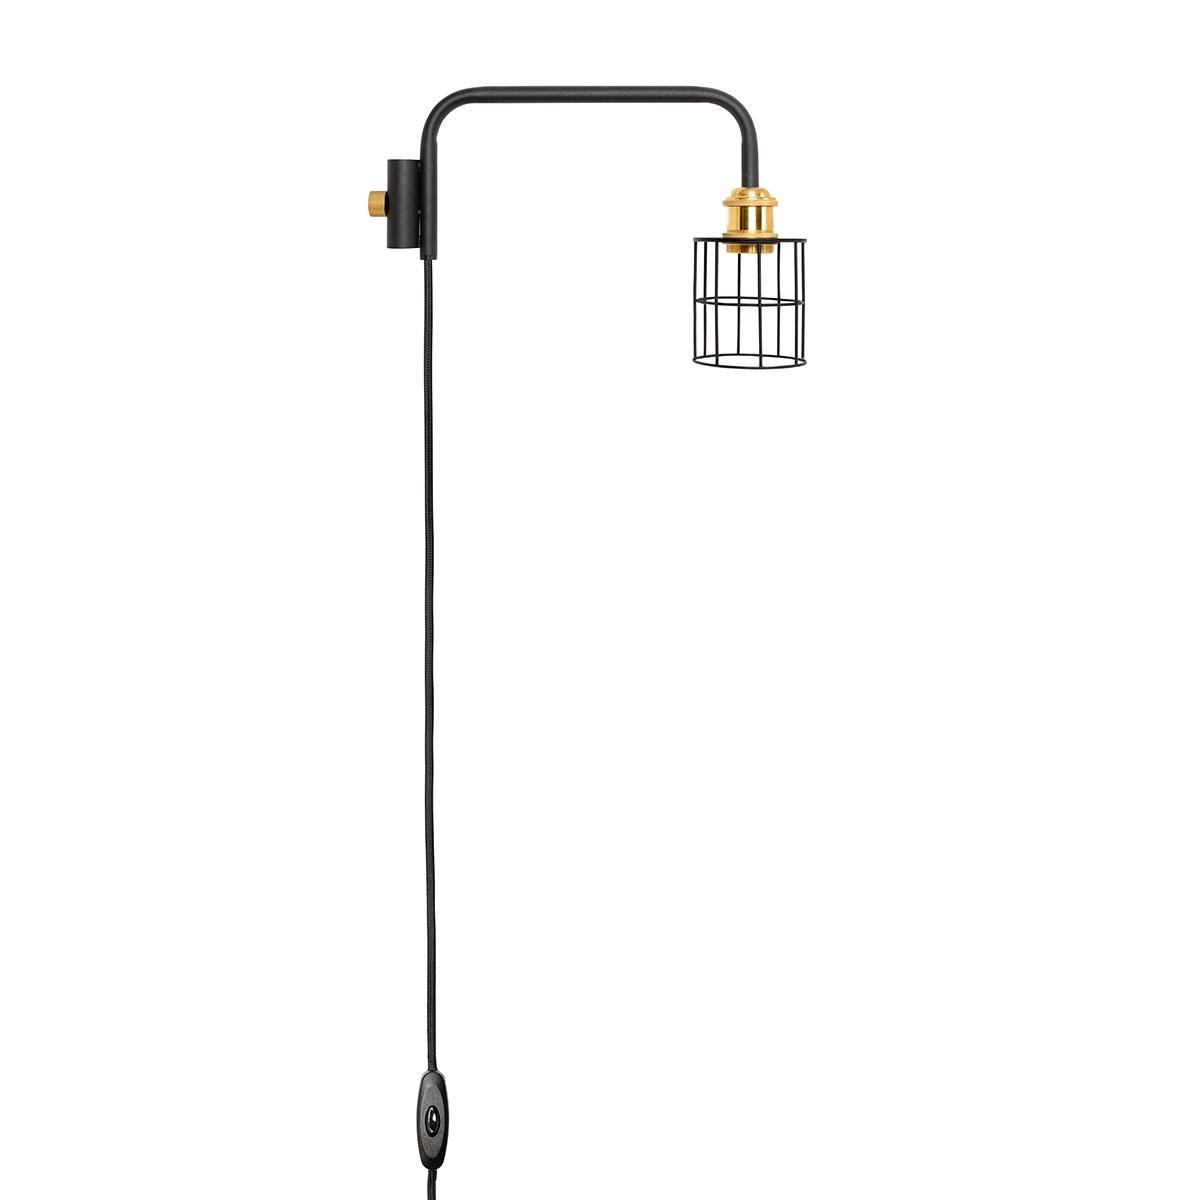 ワイヤーを編んだランプシェードに、38cmの短めアームをくっつけた「ランプ」。照明とテーブルがセットできる「つっぱり棒」|DRAW A LINE ランプシリーズ